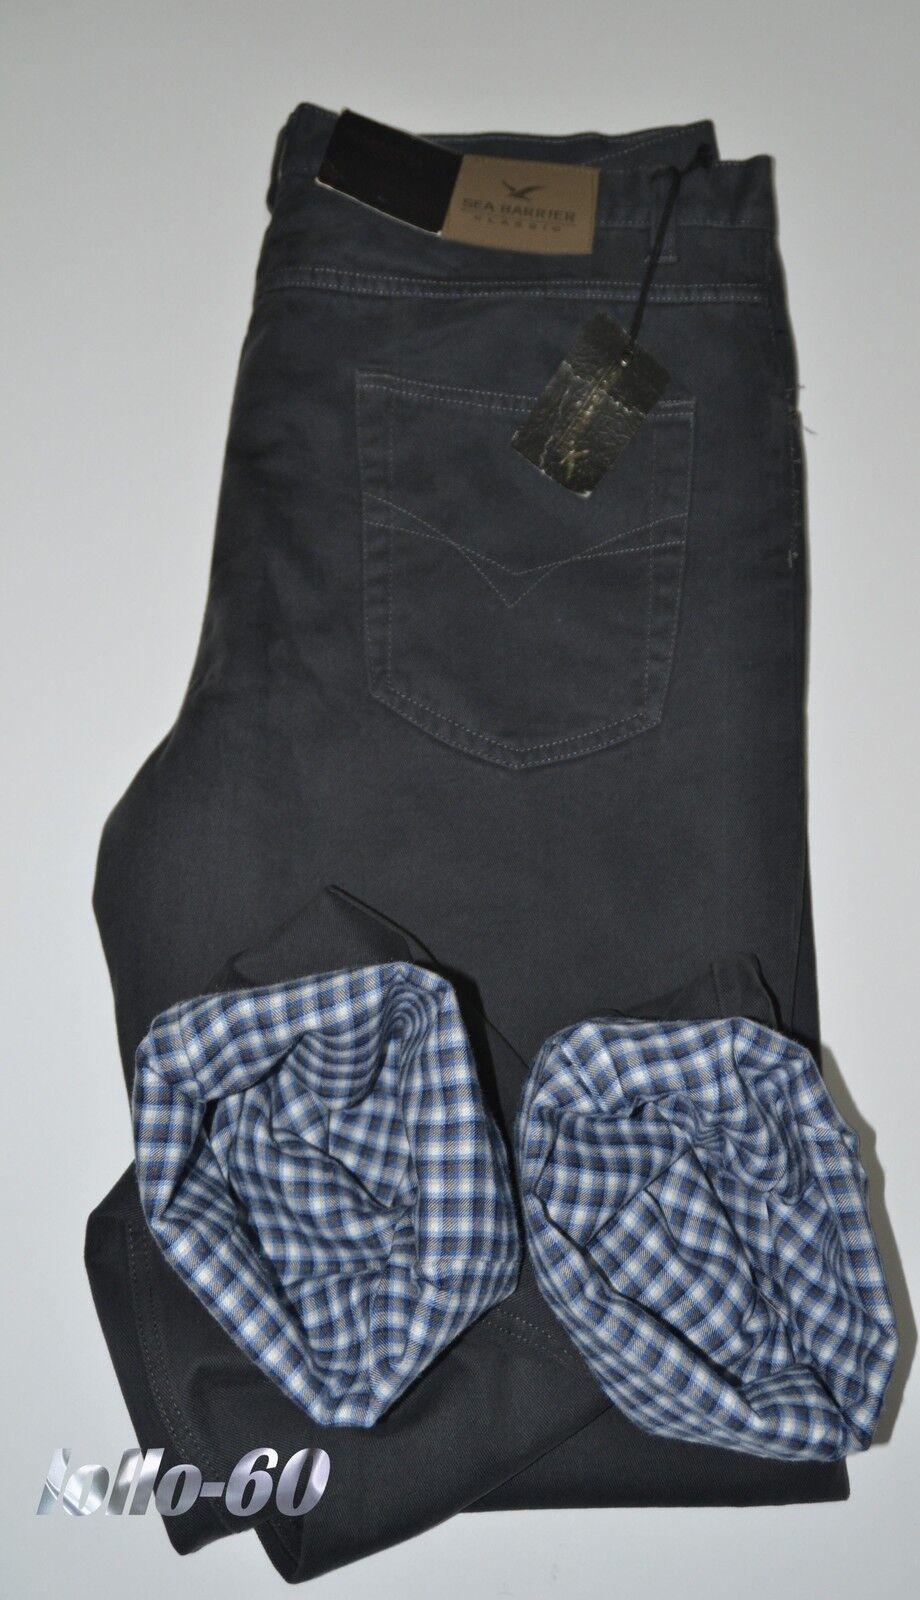 Pantalone uomo in cotone taglia caldo termico taglia cotone 54 Grigio foderato tela felpata 7c6157